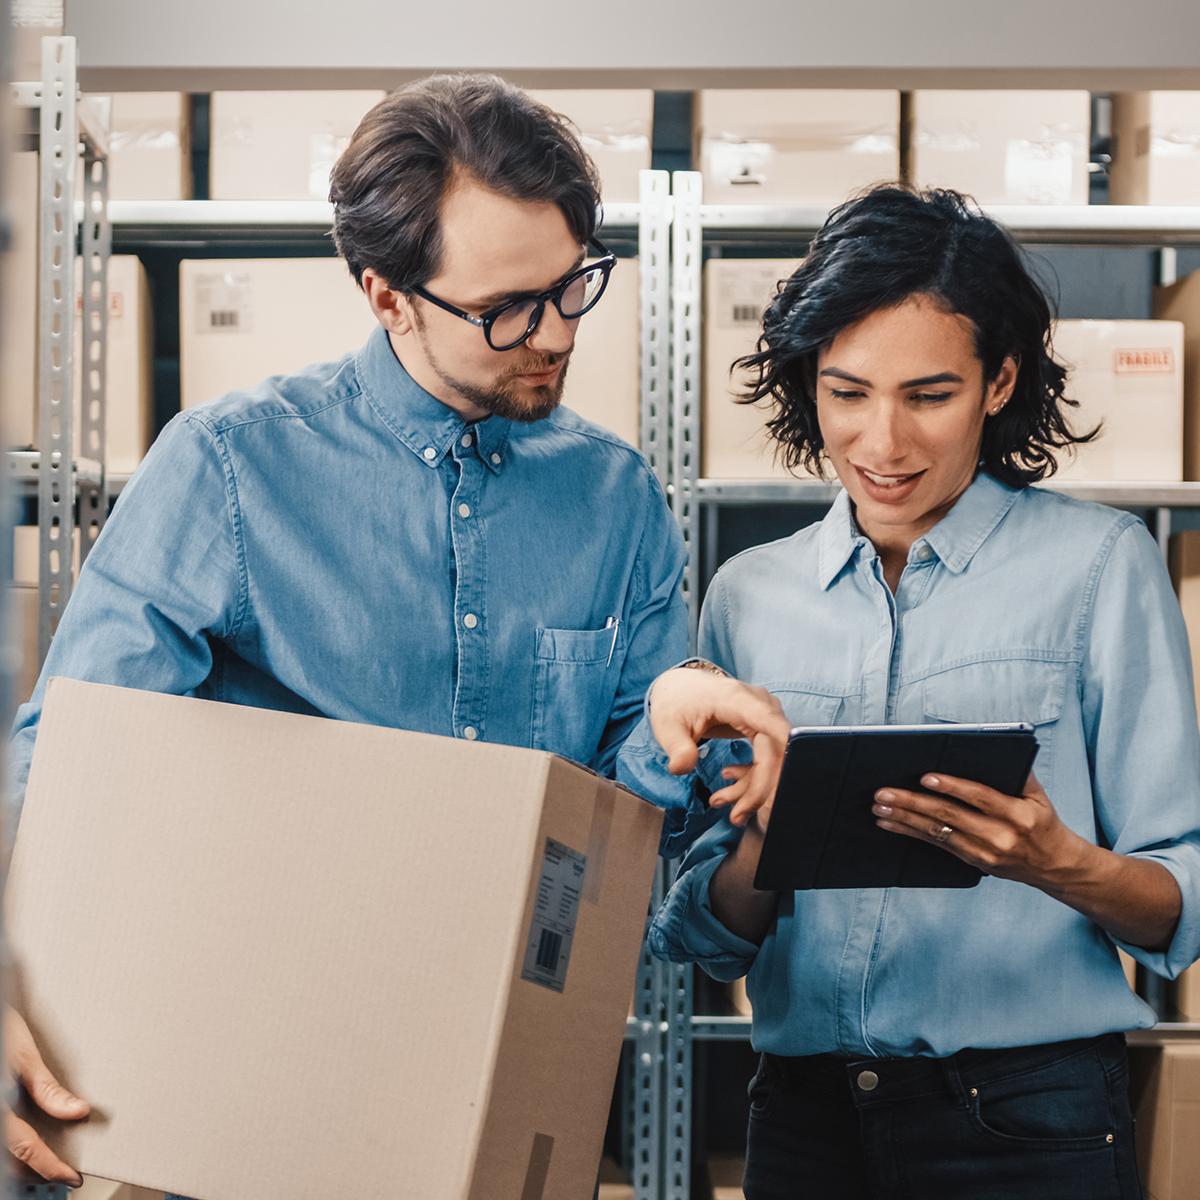 Inventur: Ein Mann und eine Frau, die etwas auf einem Tablet ansehen, der Mann hält einen Karton in der Hand.